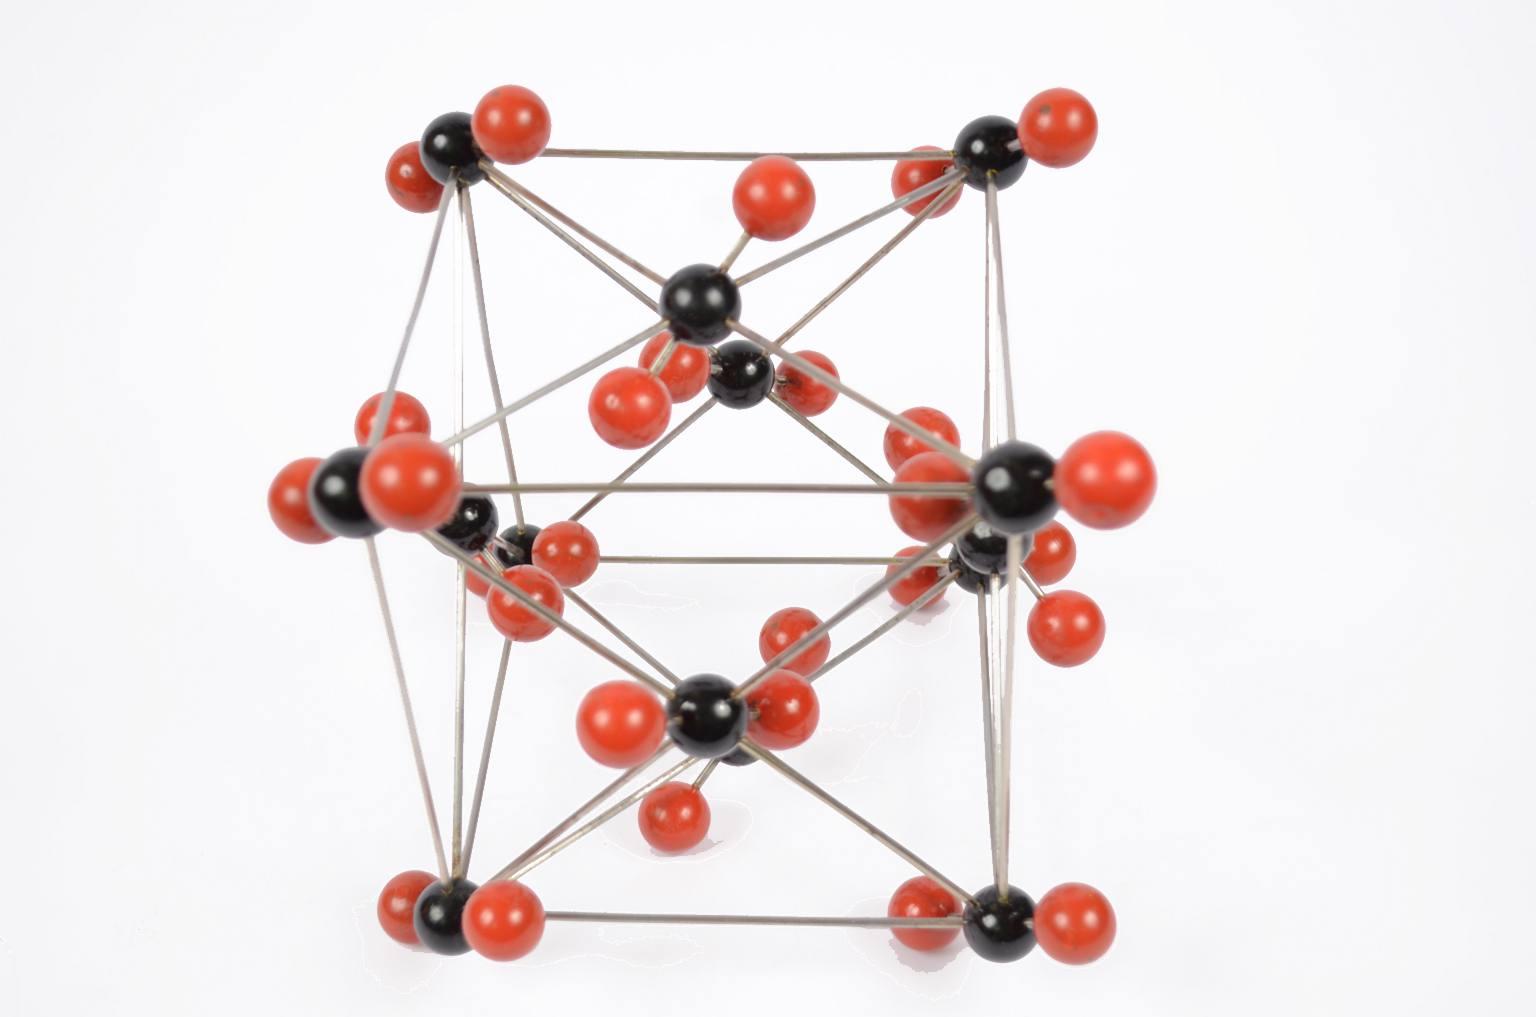 Storia naturale/6373-Struttura atomica